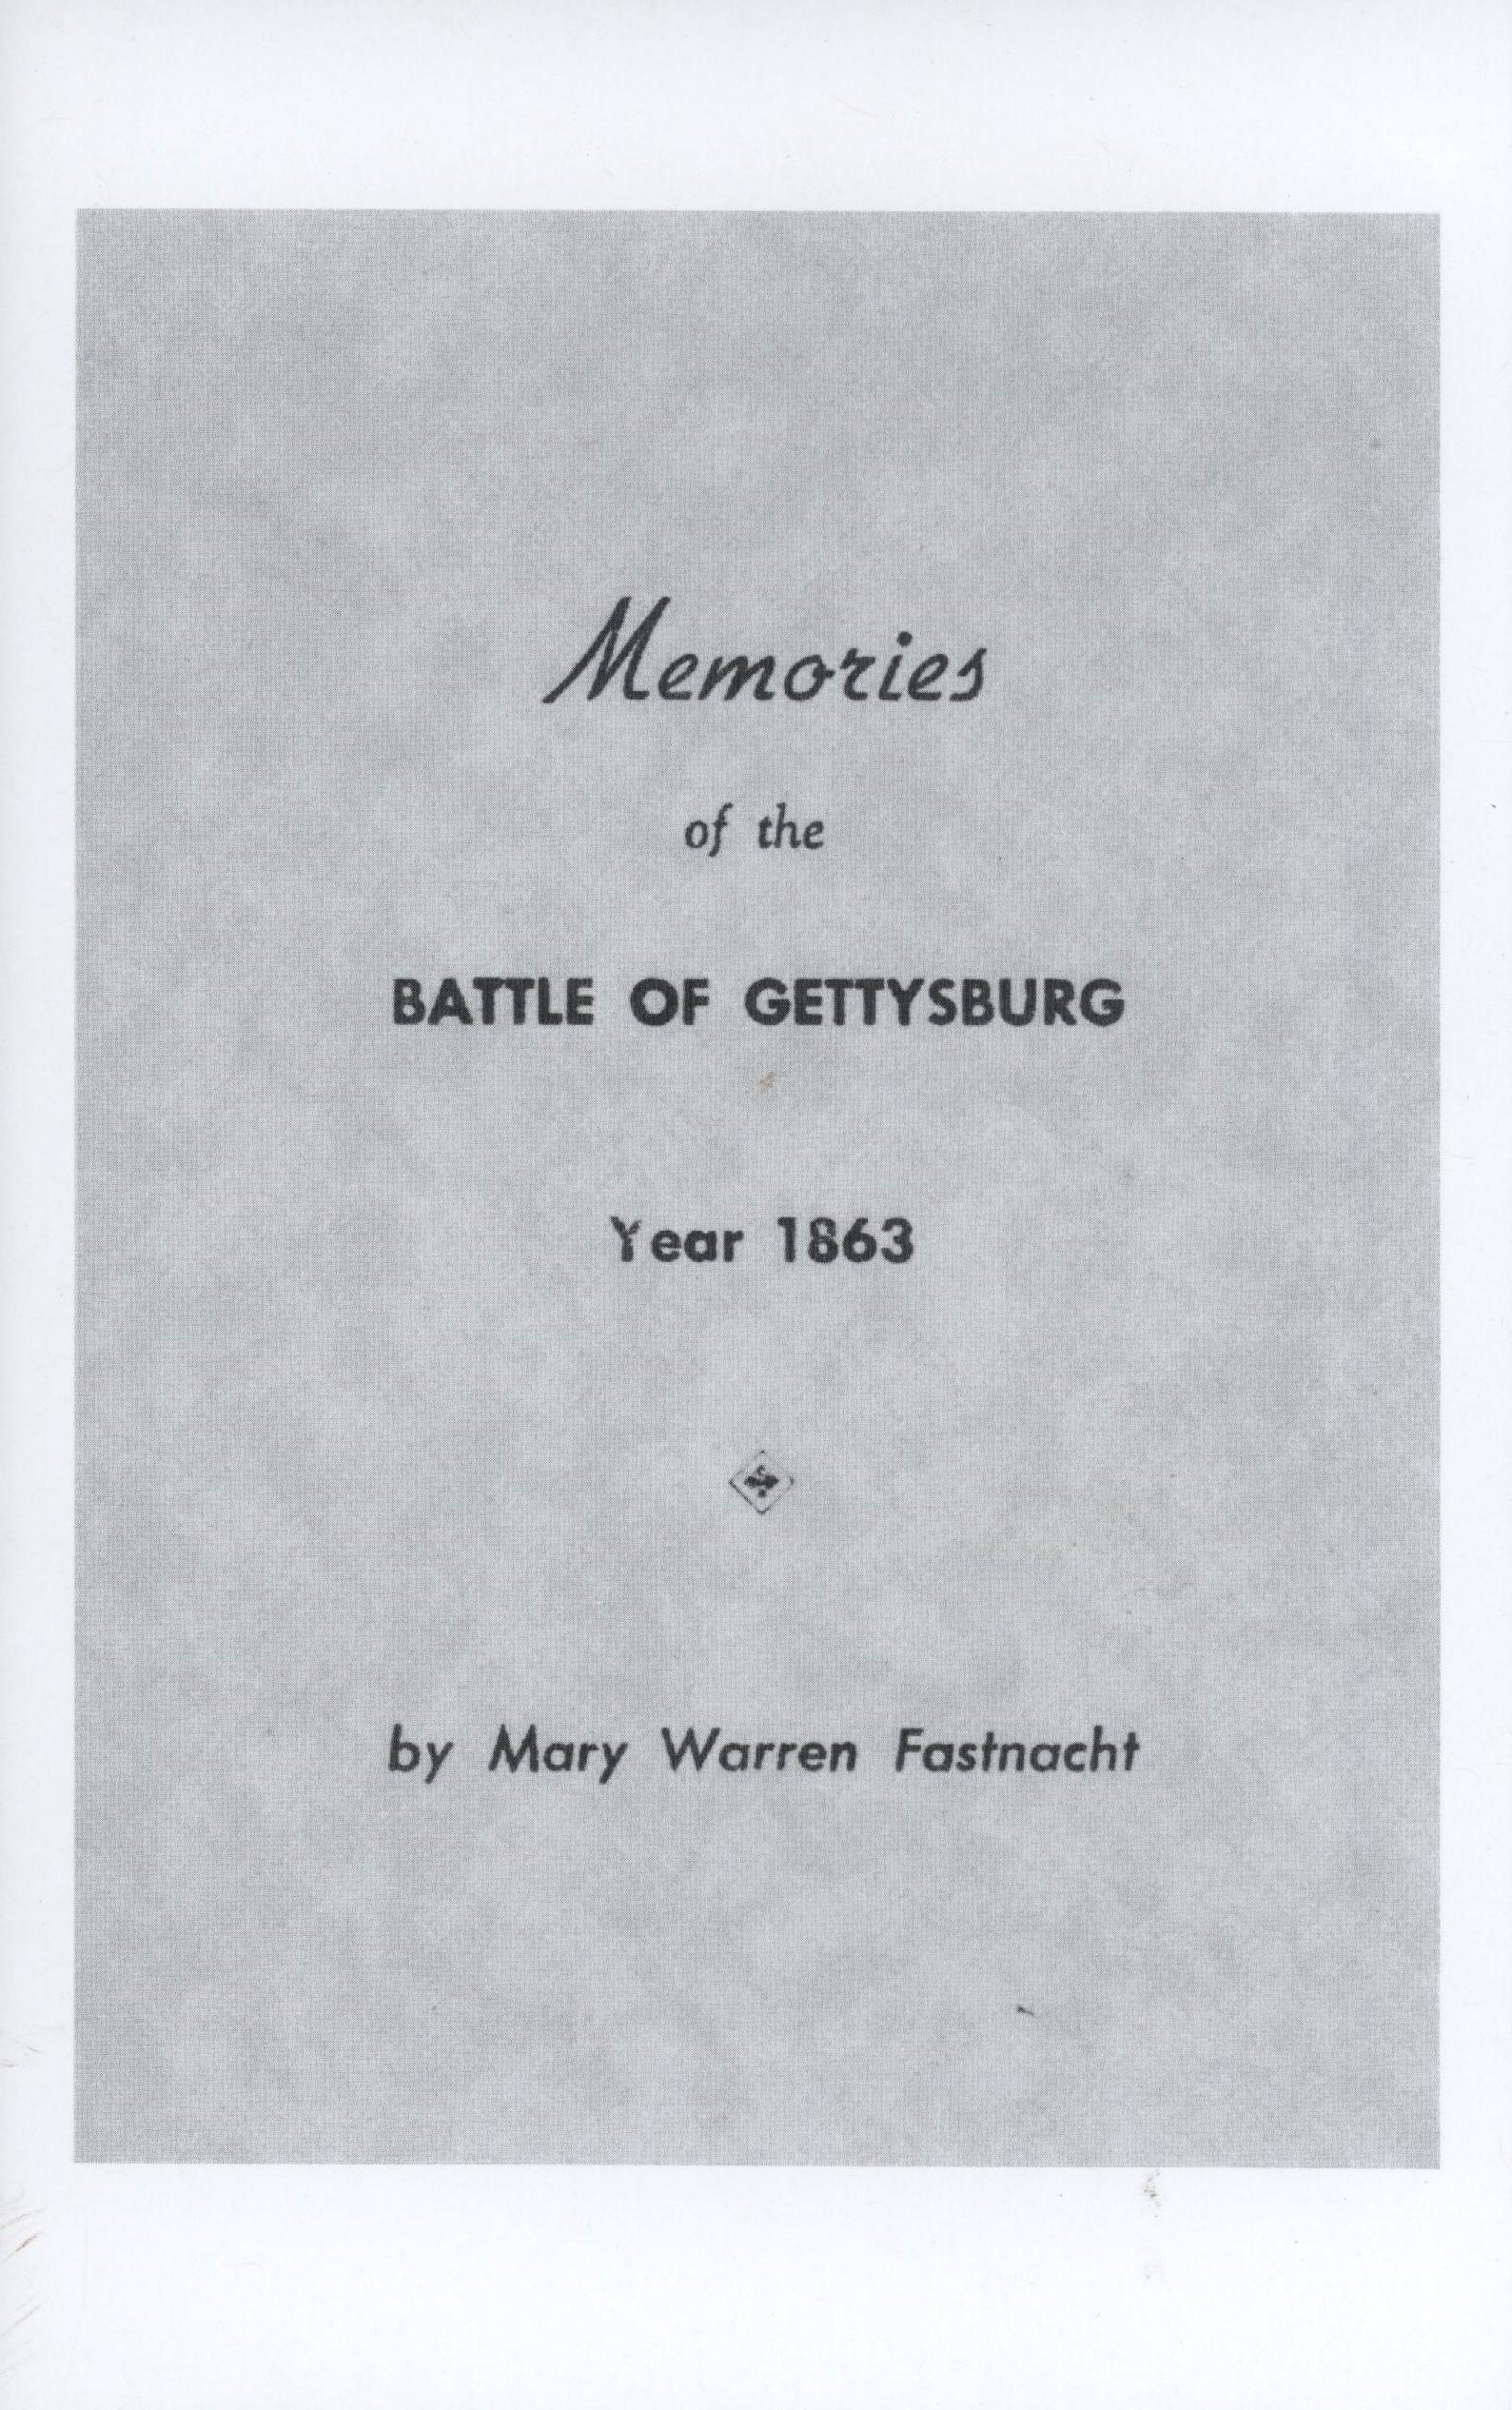 Memories of the Battle of Gettysburg